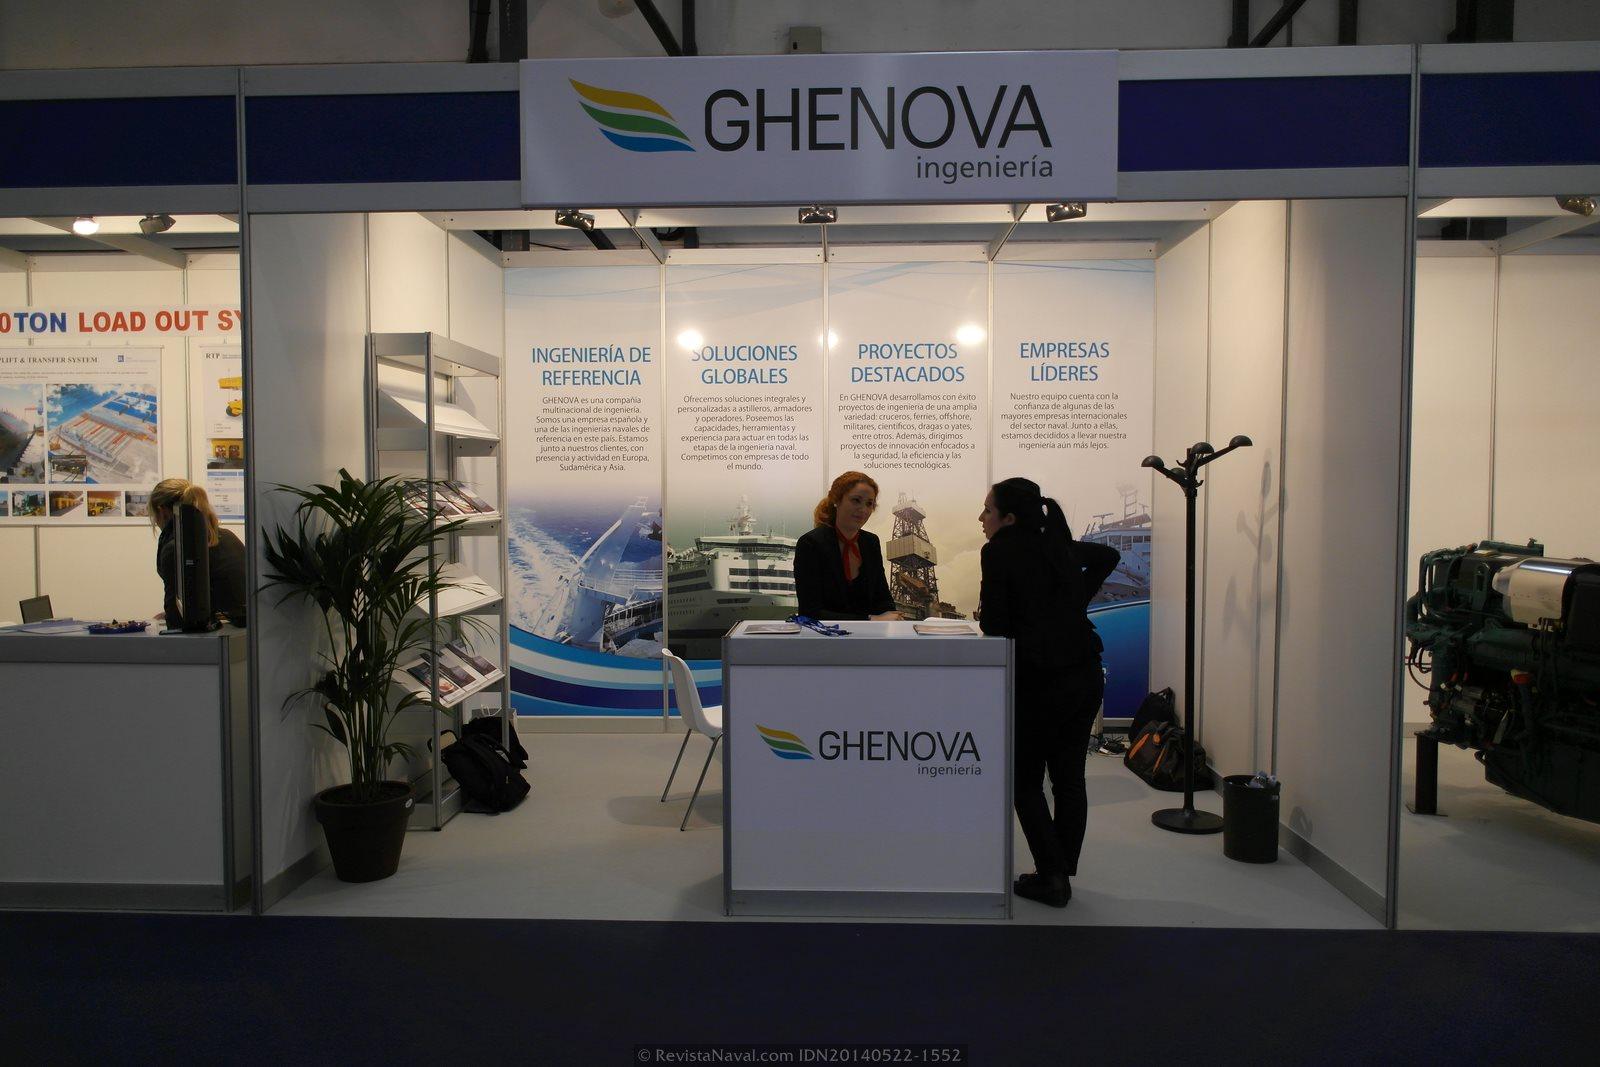 Estand de Ghenova Ingeniería (Foto: Revista Naval)